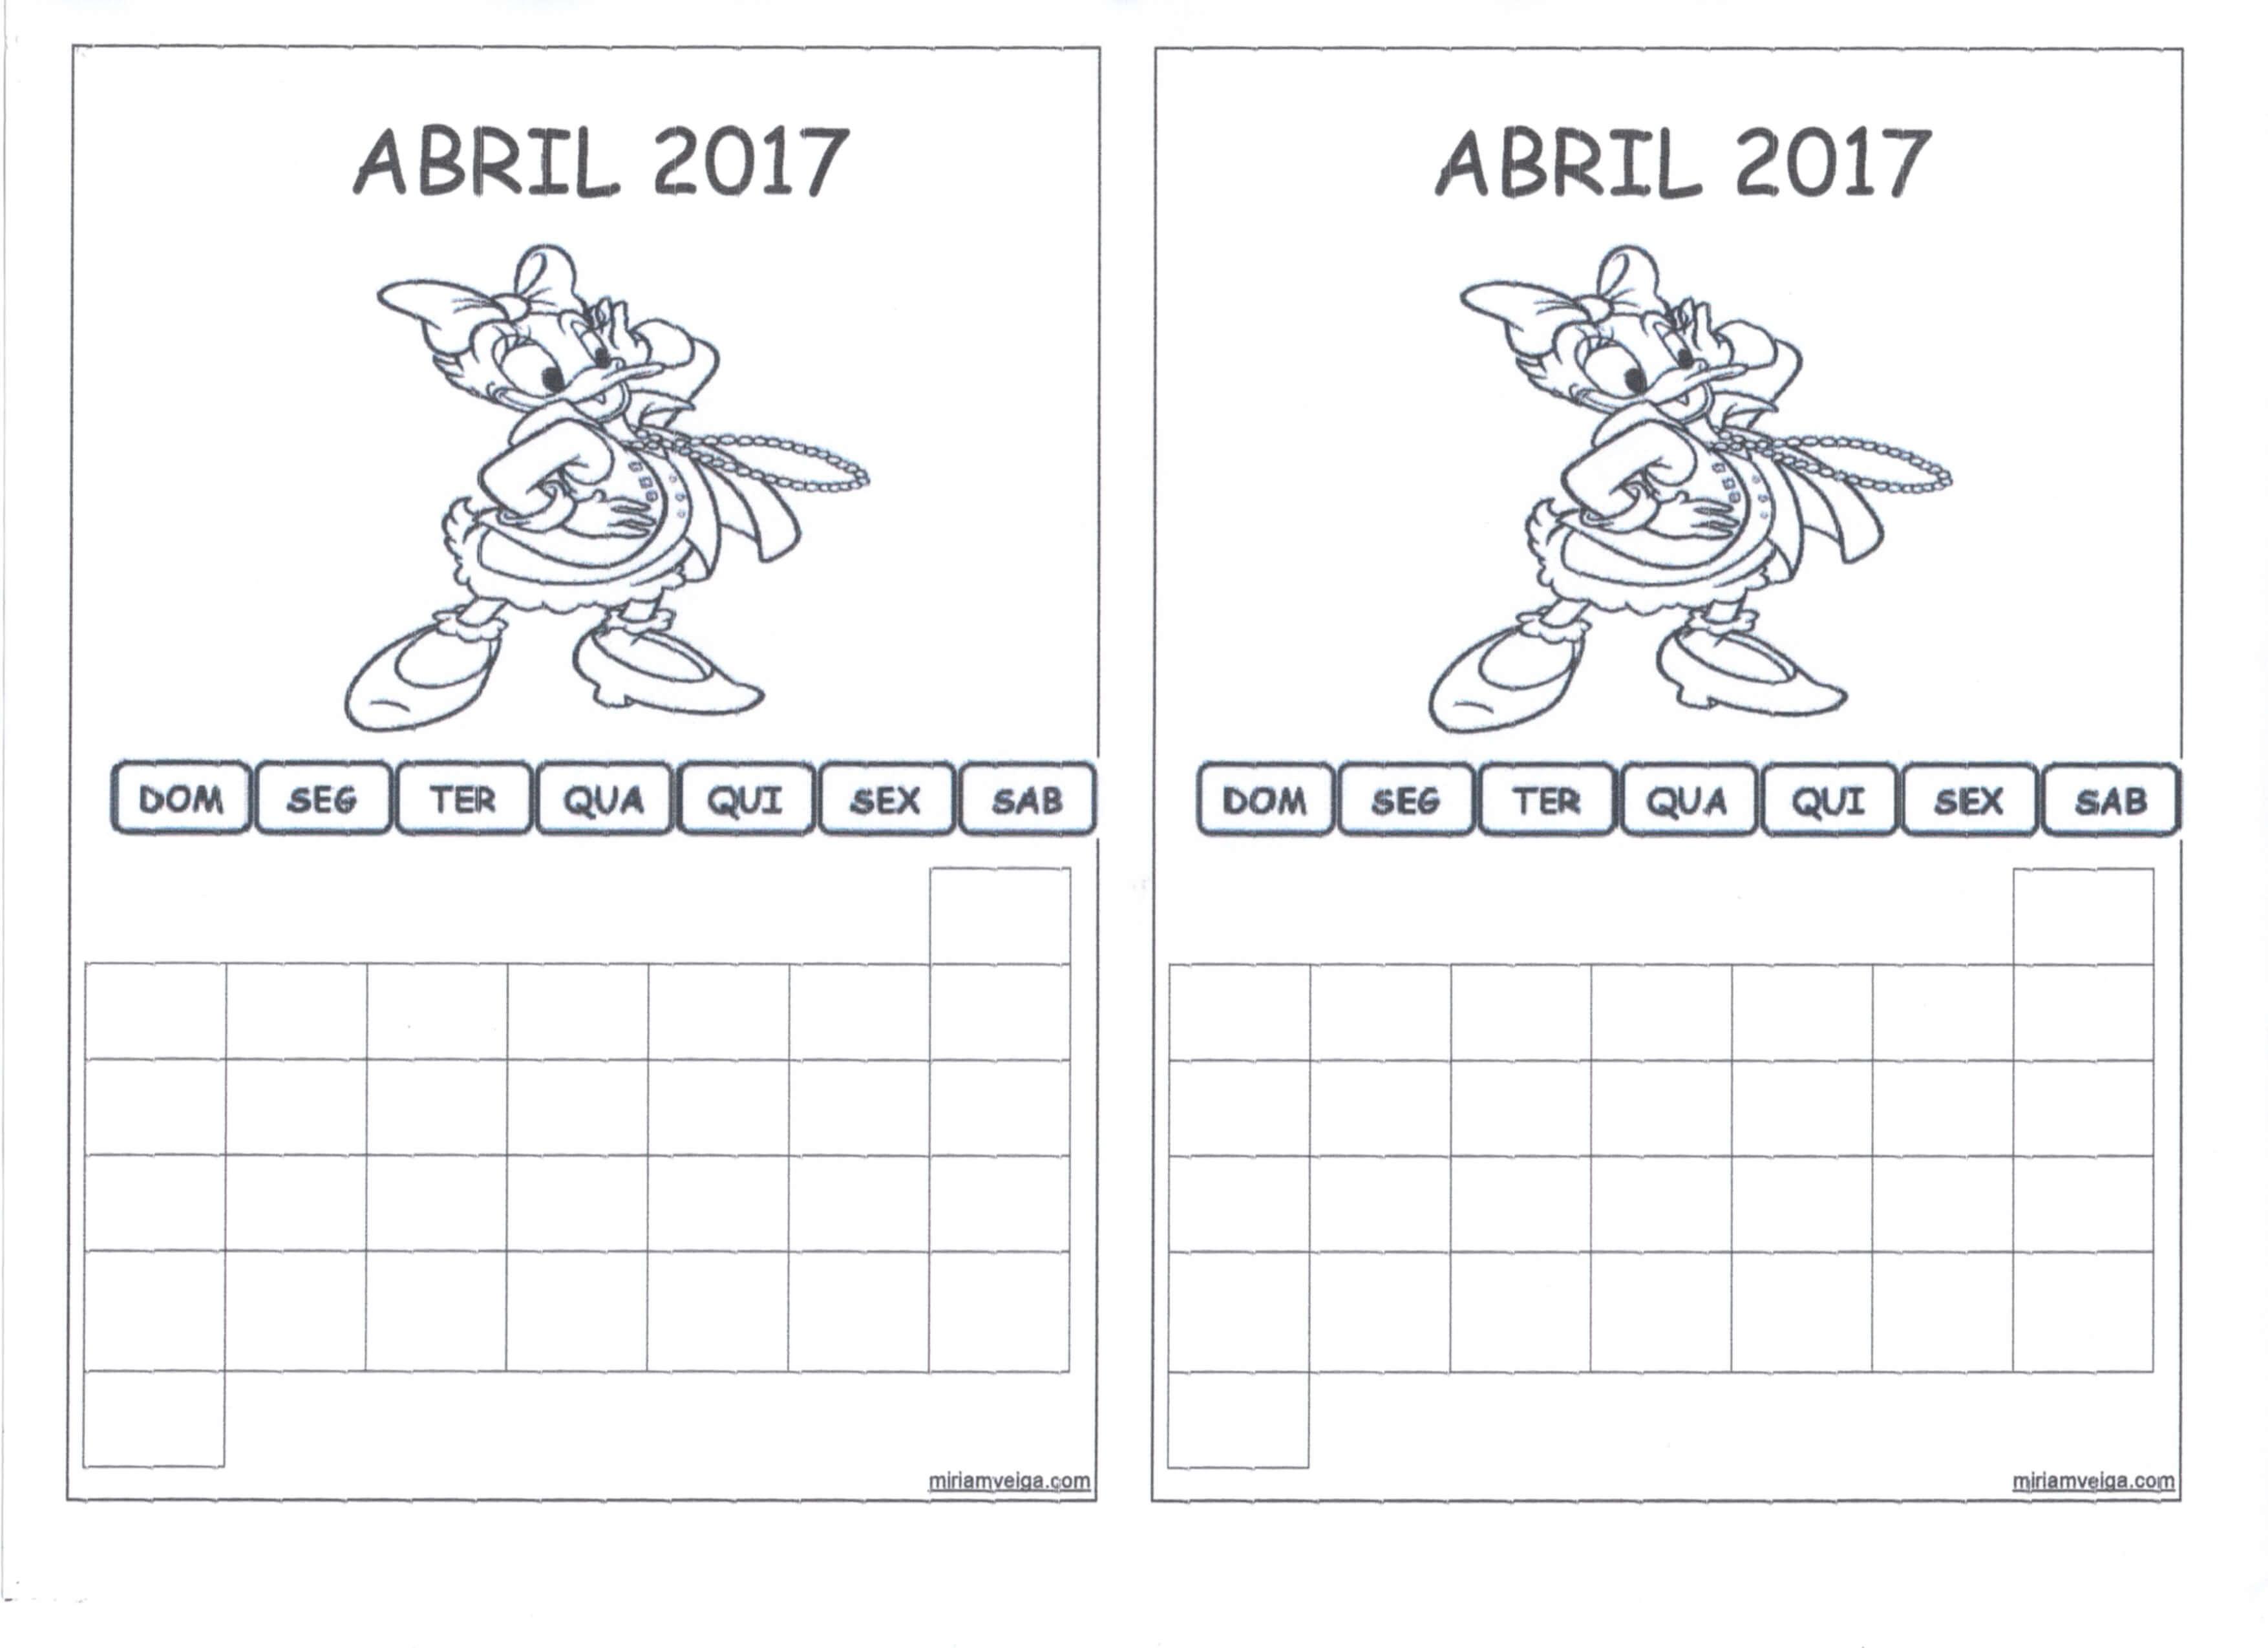 Calendario Abril Per Imprimir Más Recientes Calendario 2017 De Impresi³n Espa±ol Imprimir Elgratis Of Calendario Abril Per Imprimir Más Reciente Eur Lex R3821 Es Eur Lex